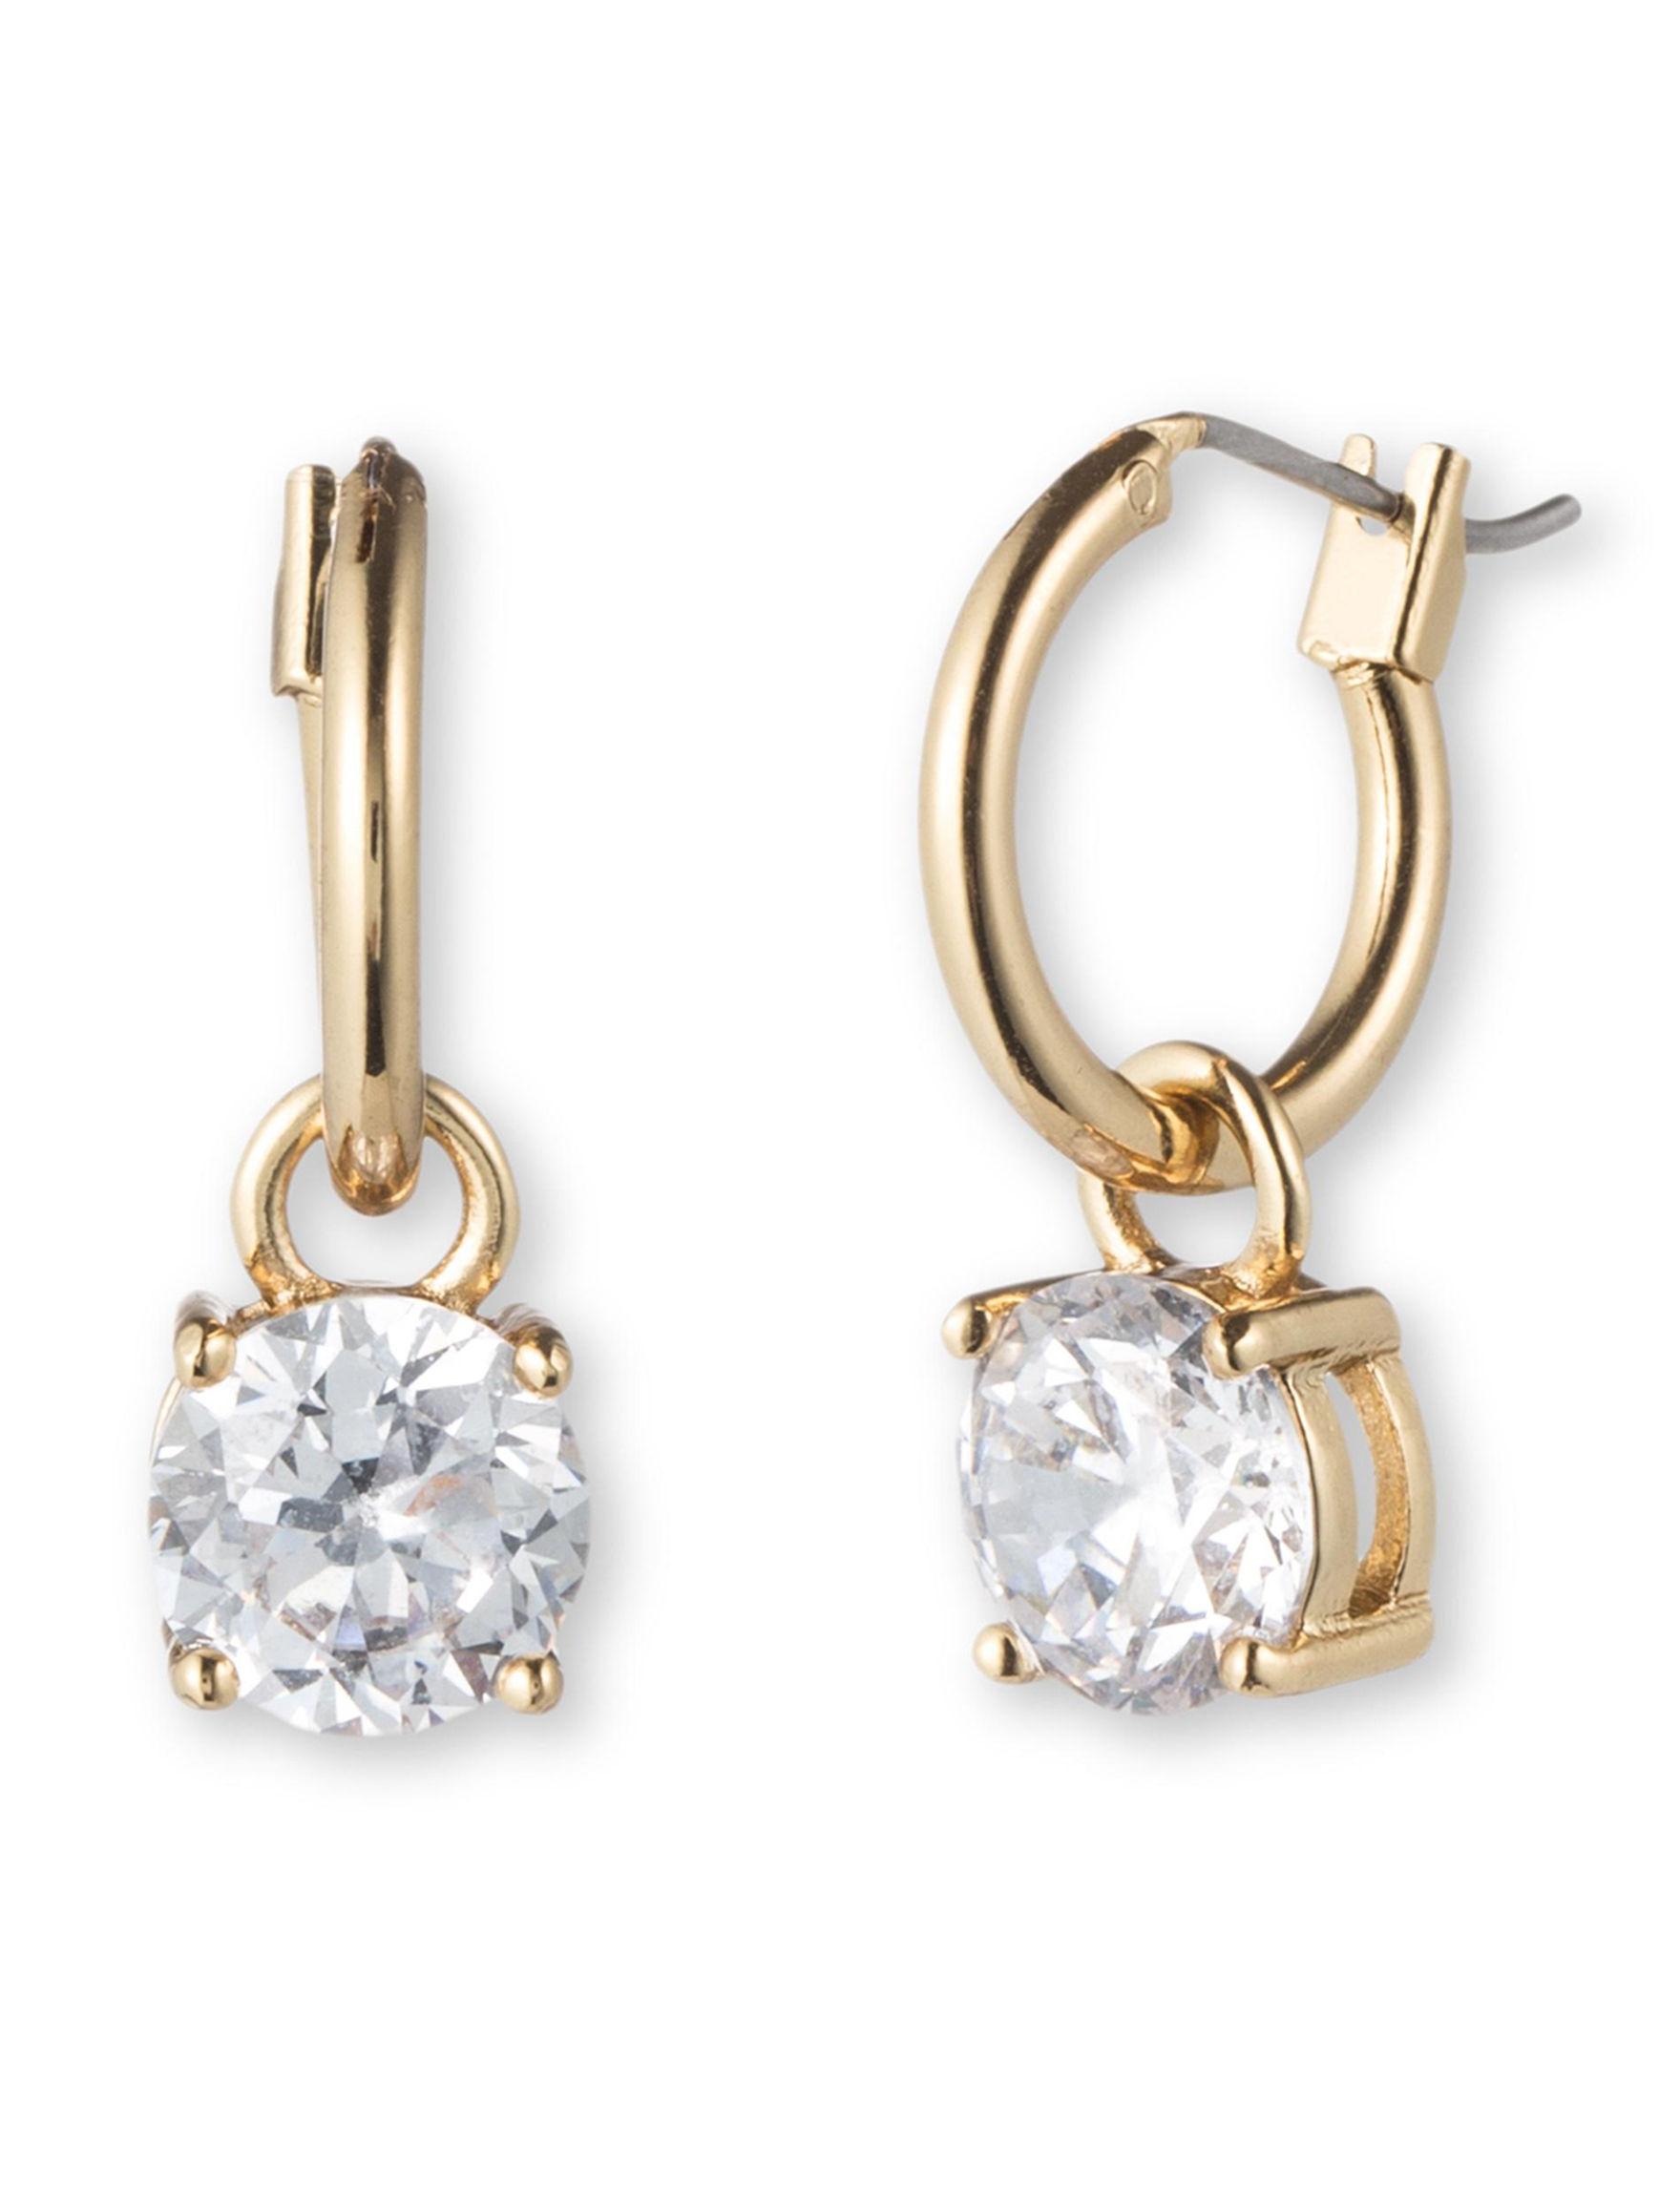 Anne Klein Gold Fashion Jewelry